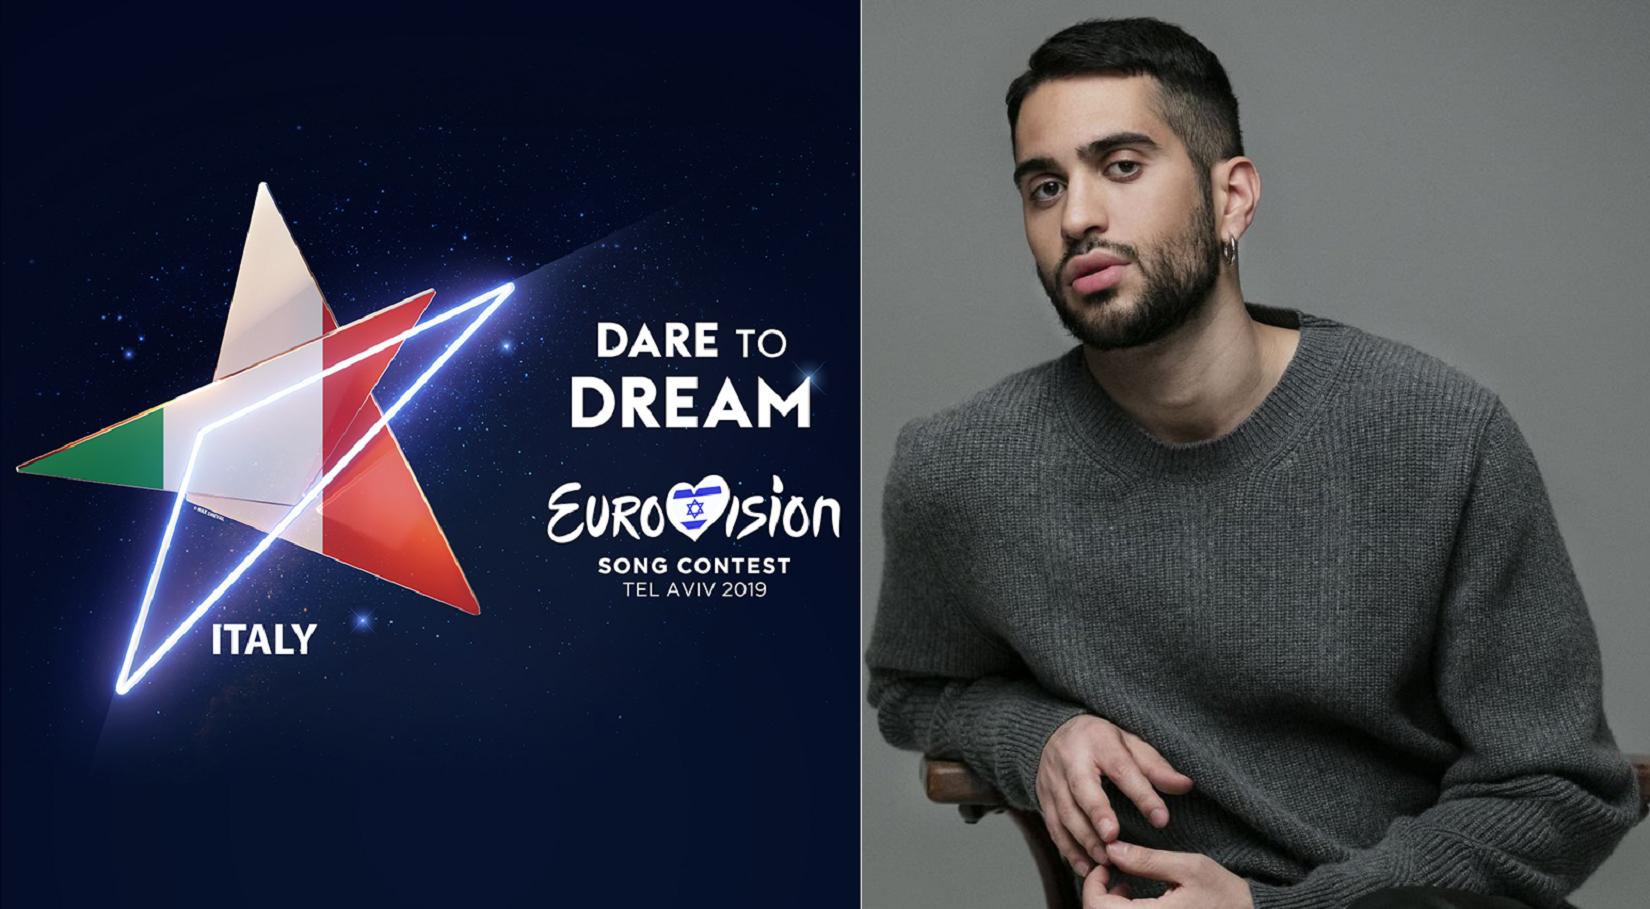 eurovision soldi